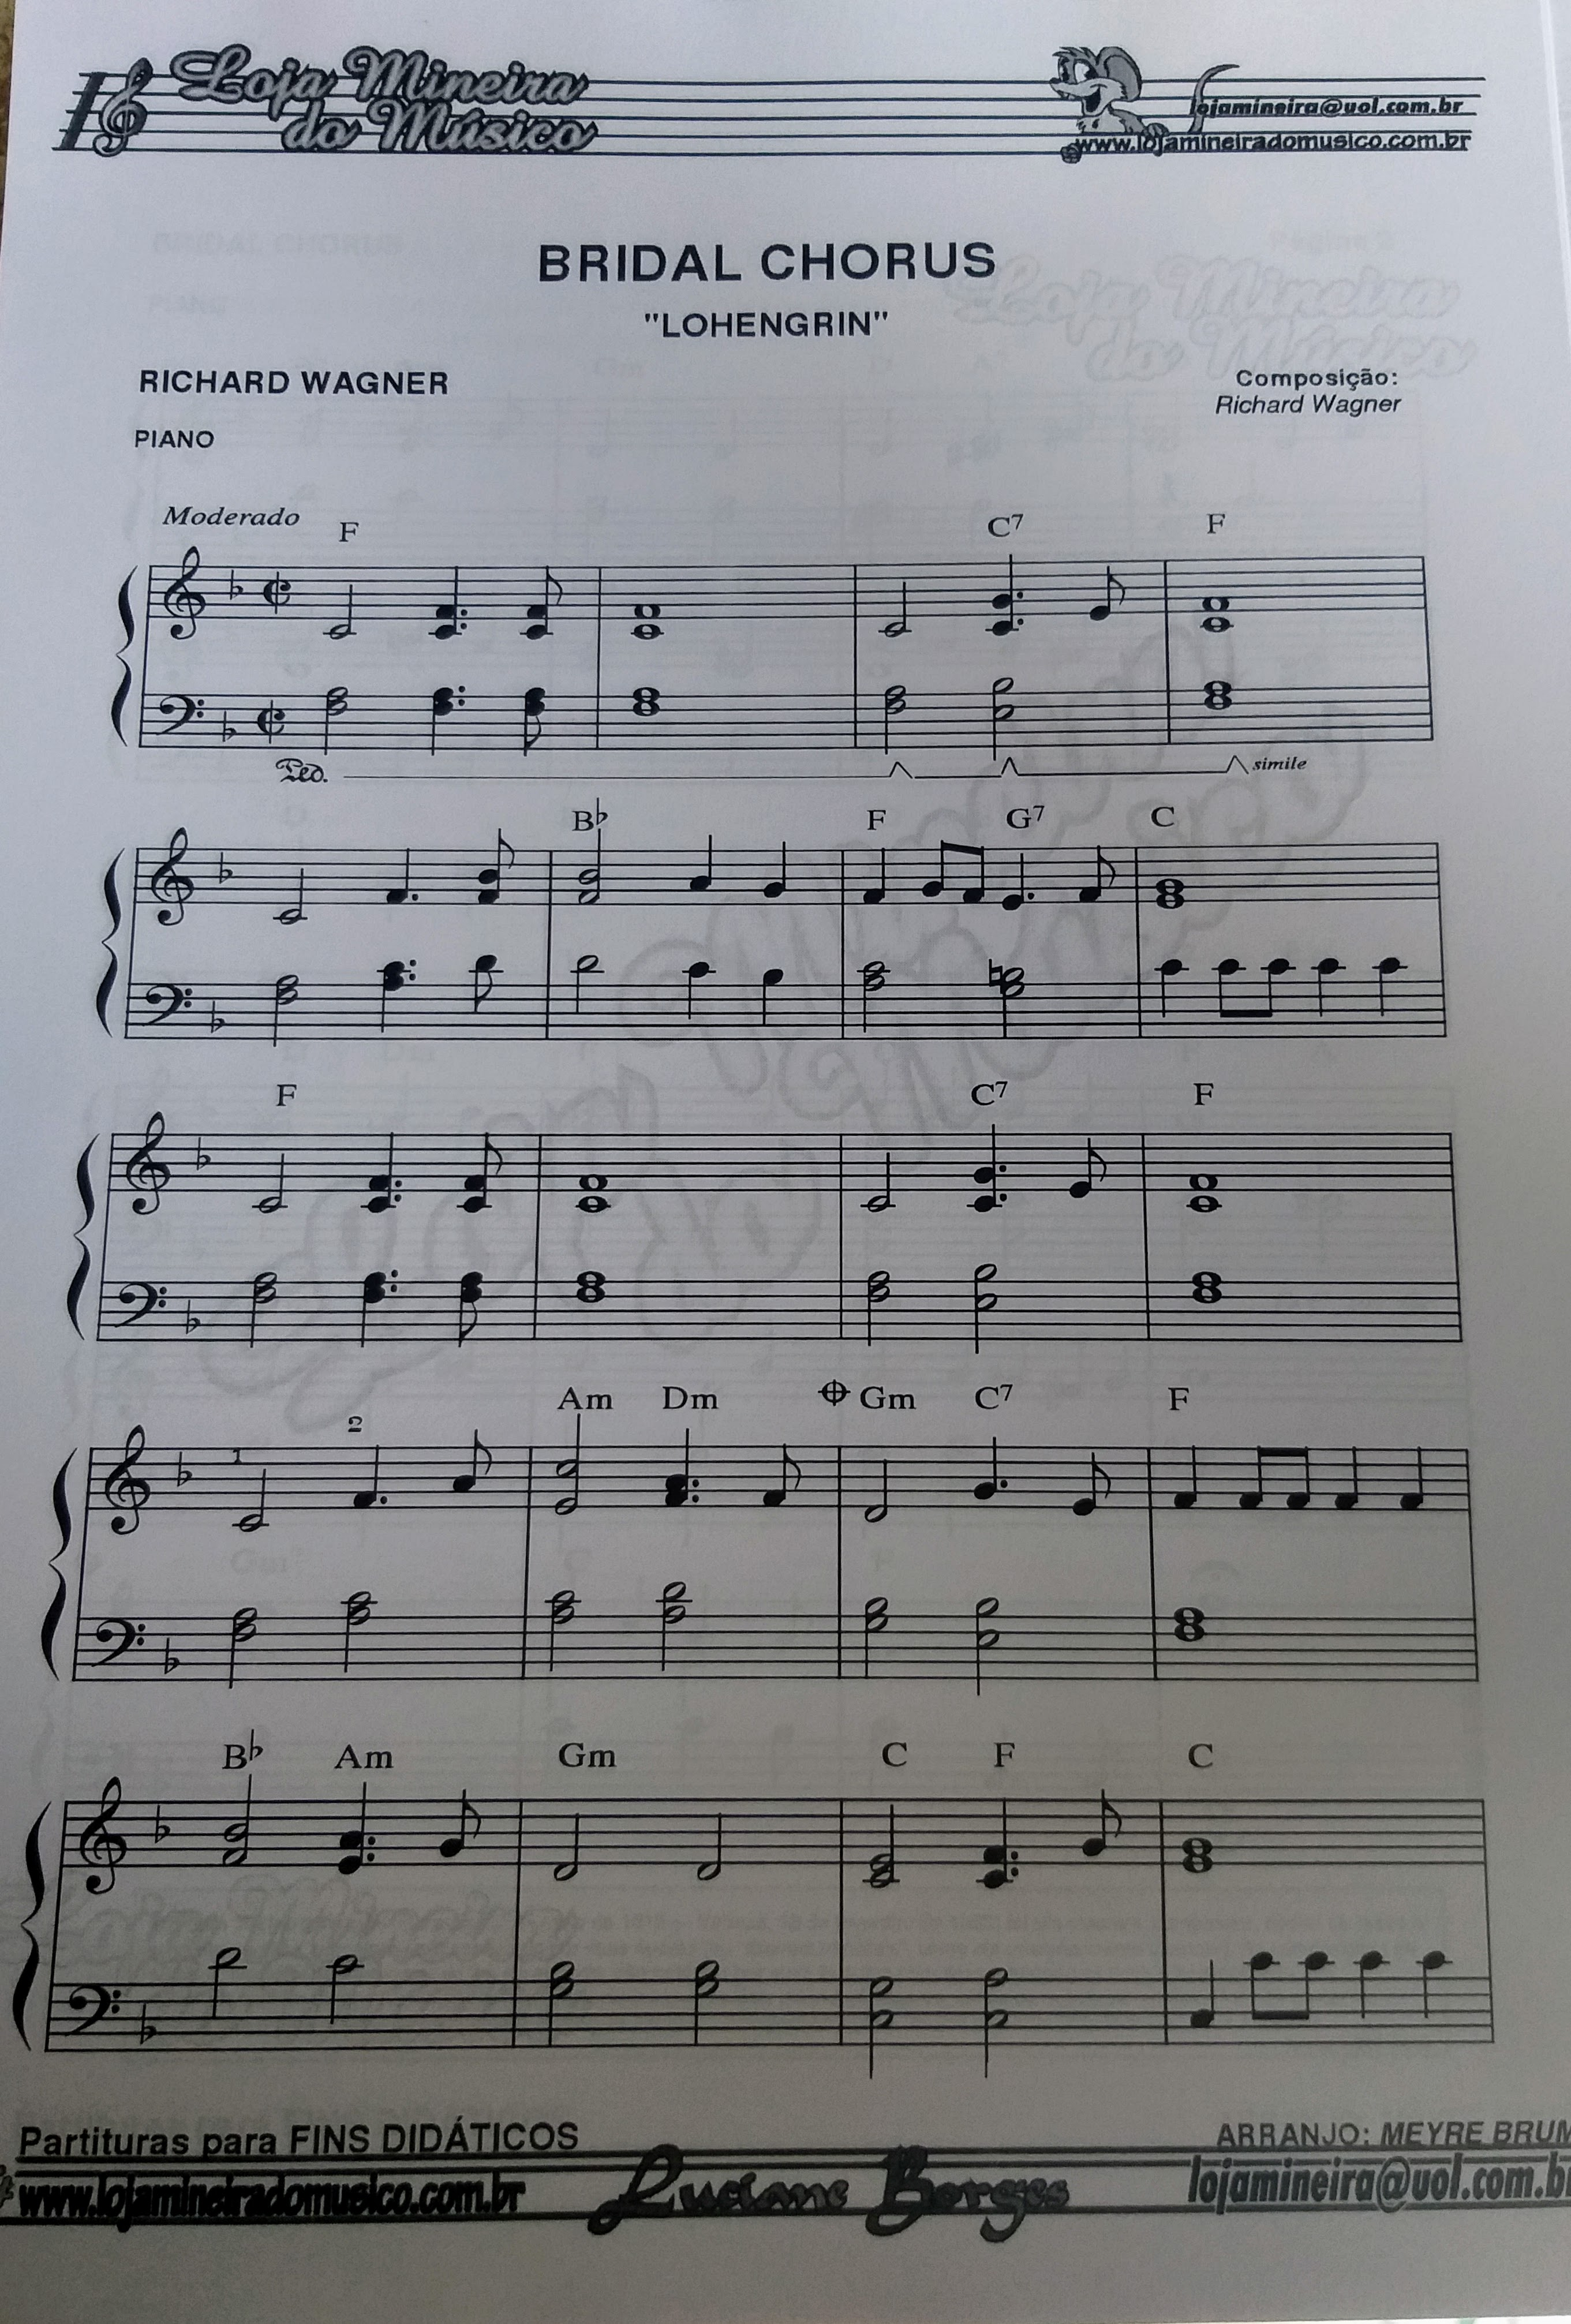 Bridal Chorus Partitura de Piano para iniciante em PDF